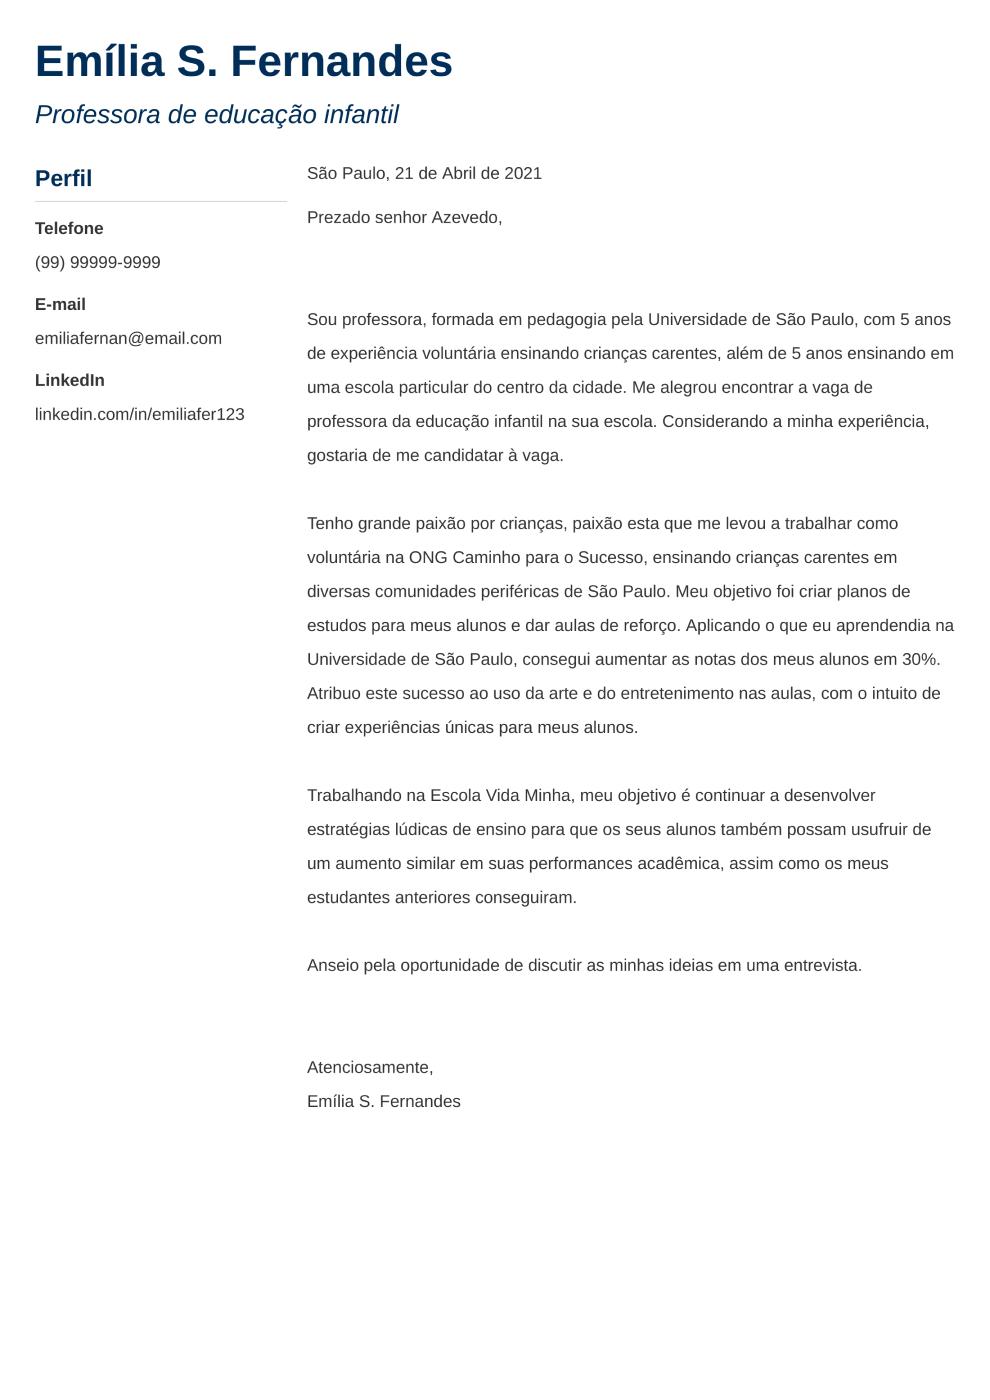 Exemplo de carta de apresentacao: Muse